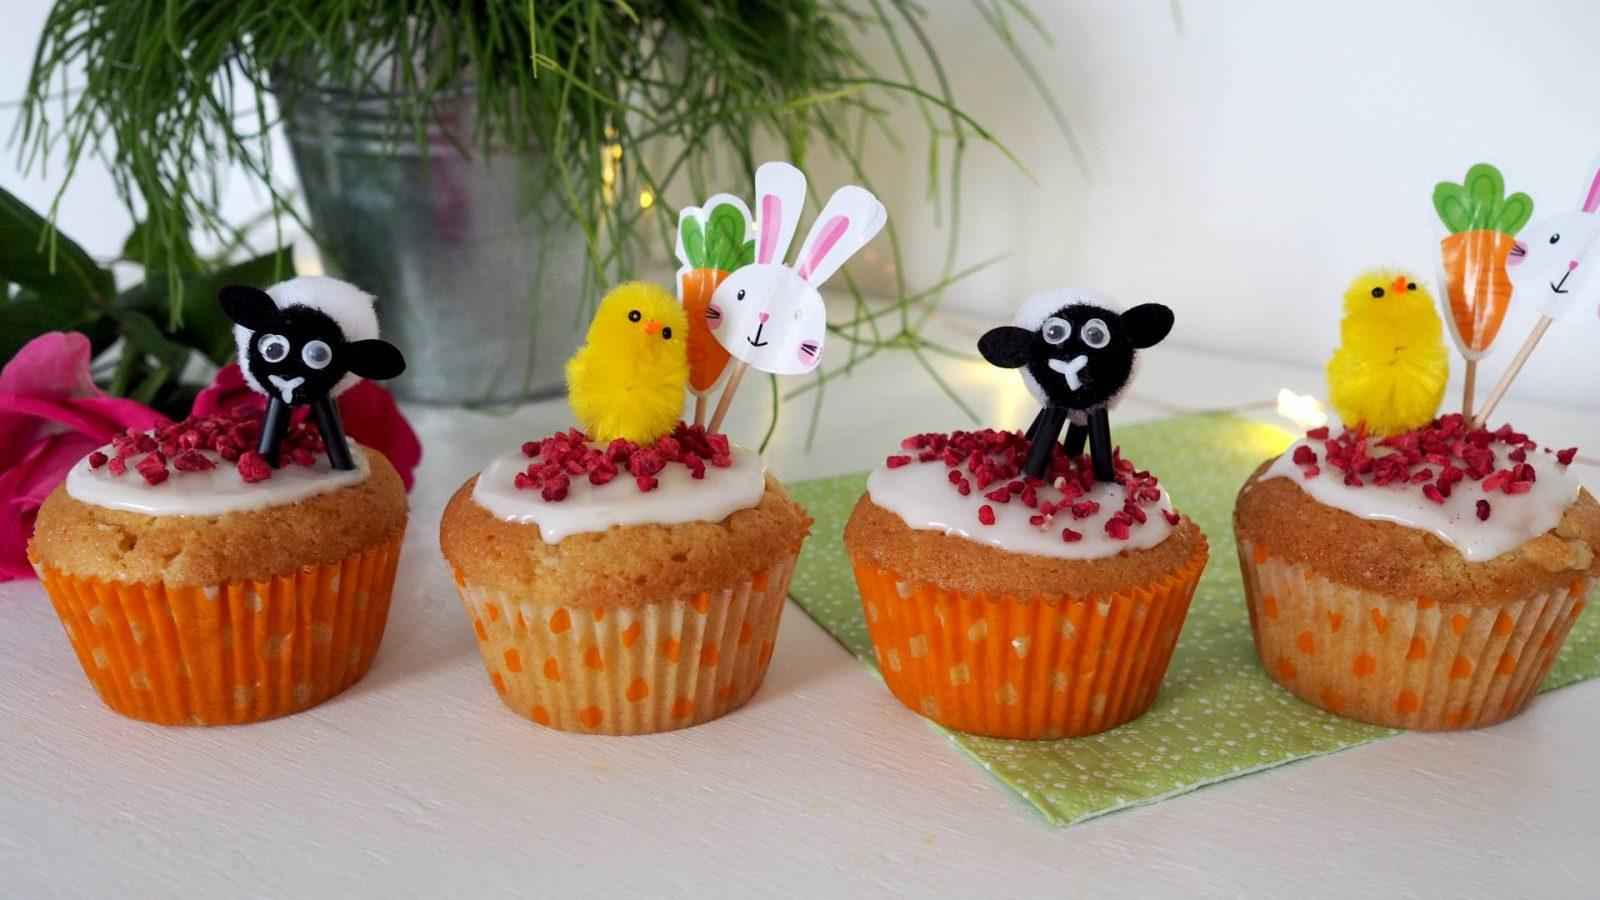 Lemon Drizzle Raspberry Surprise Easter Cupcakes | Megan Taylor